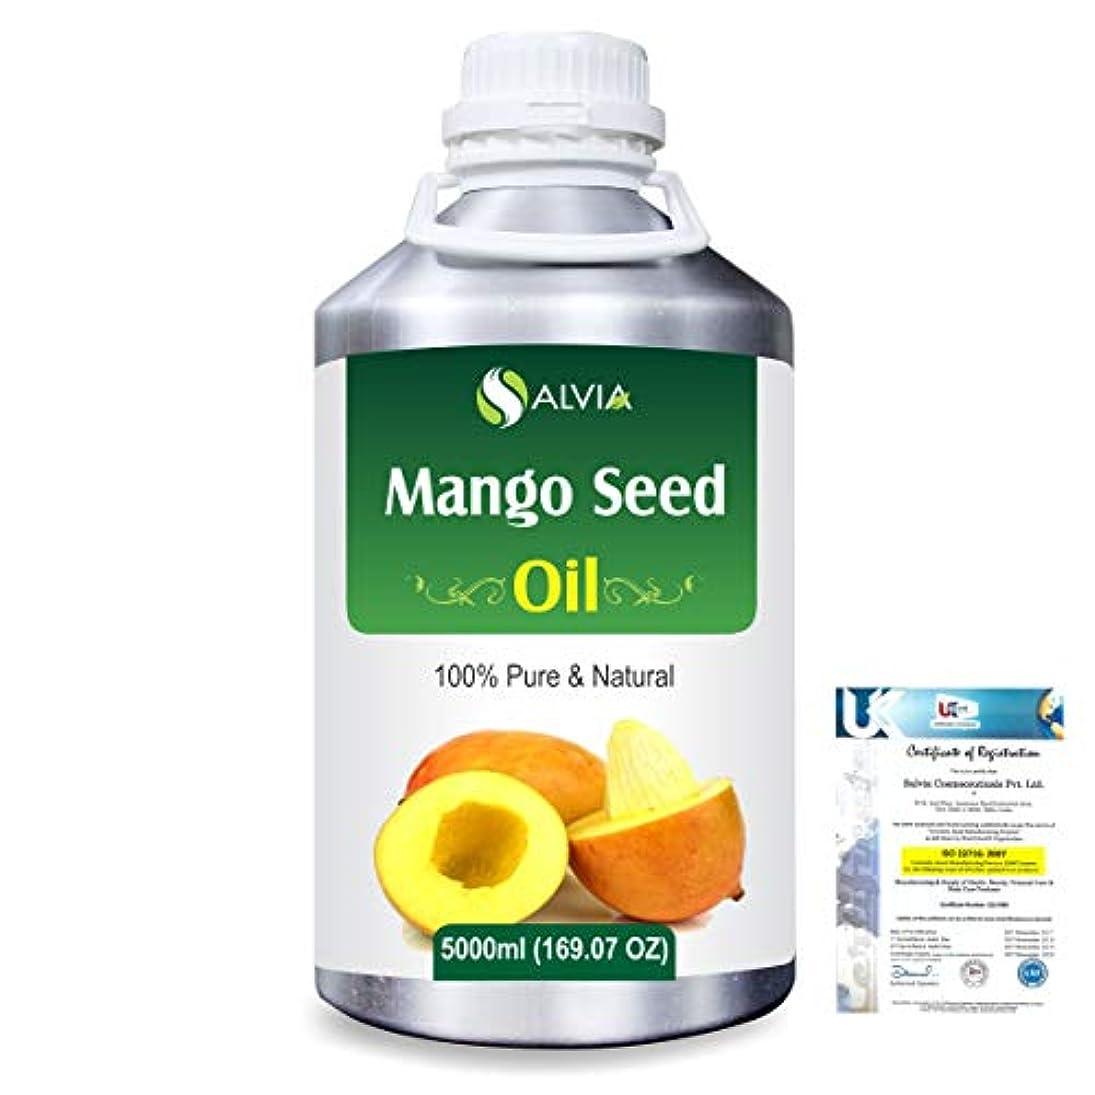 落ち着いたのホスト学習者Mango Seed (Mangifera indica)100% Natural Pure Carrier Oil 5000ml/169 fl.oz.